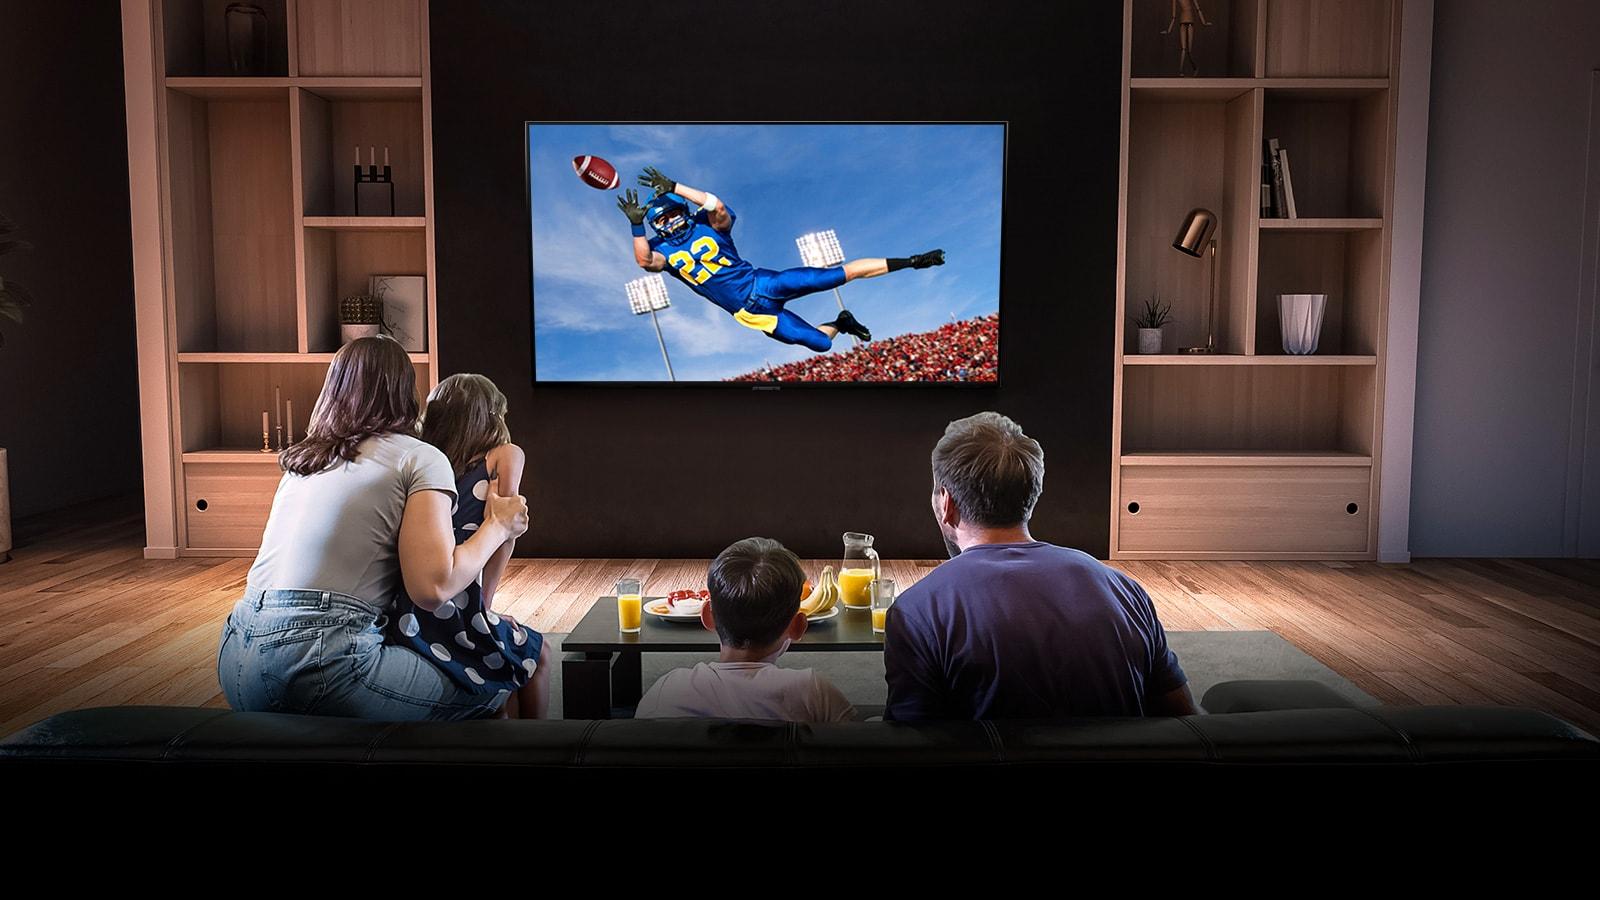 Mọi người đang xem một trận đấu của Tottenham trên TV trong phòng khách